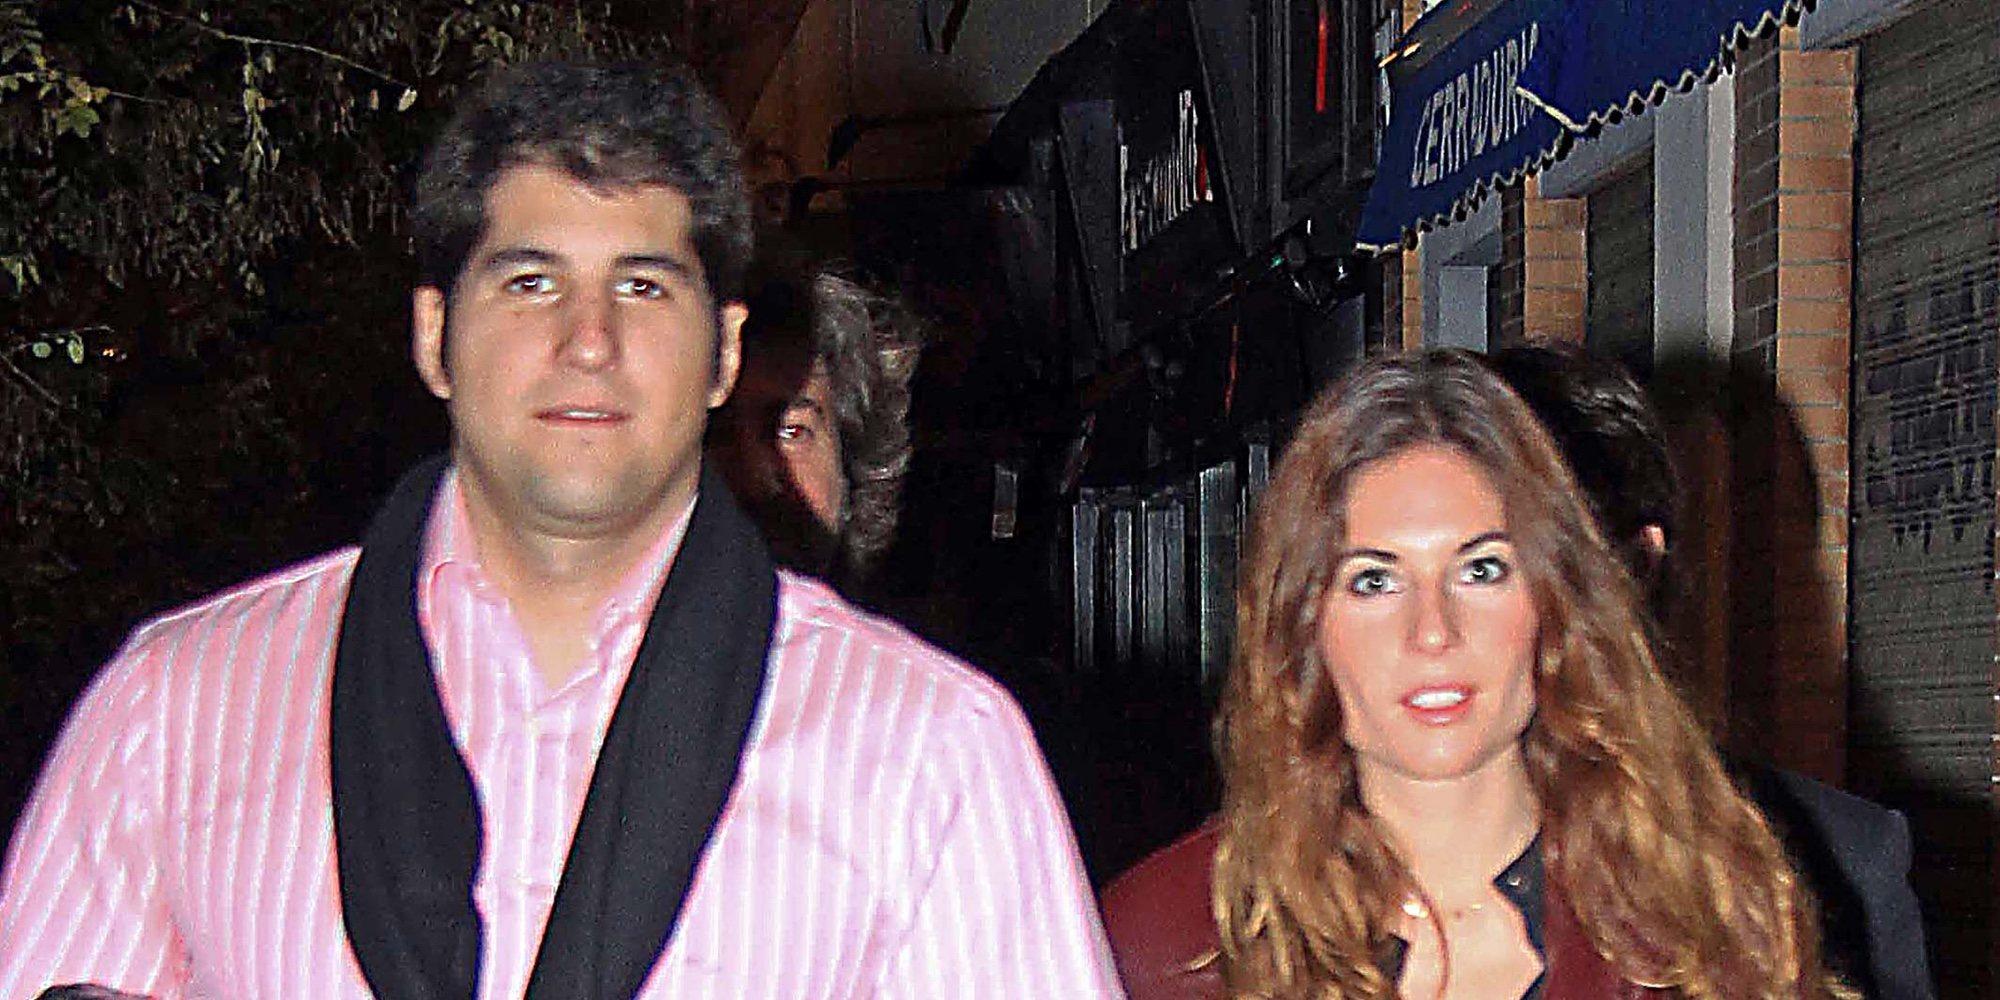 Julián Contreras y Lourdes Montes compartirán plató en el programa 'Corazón'a pesar de sus diferencias